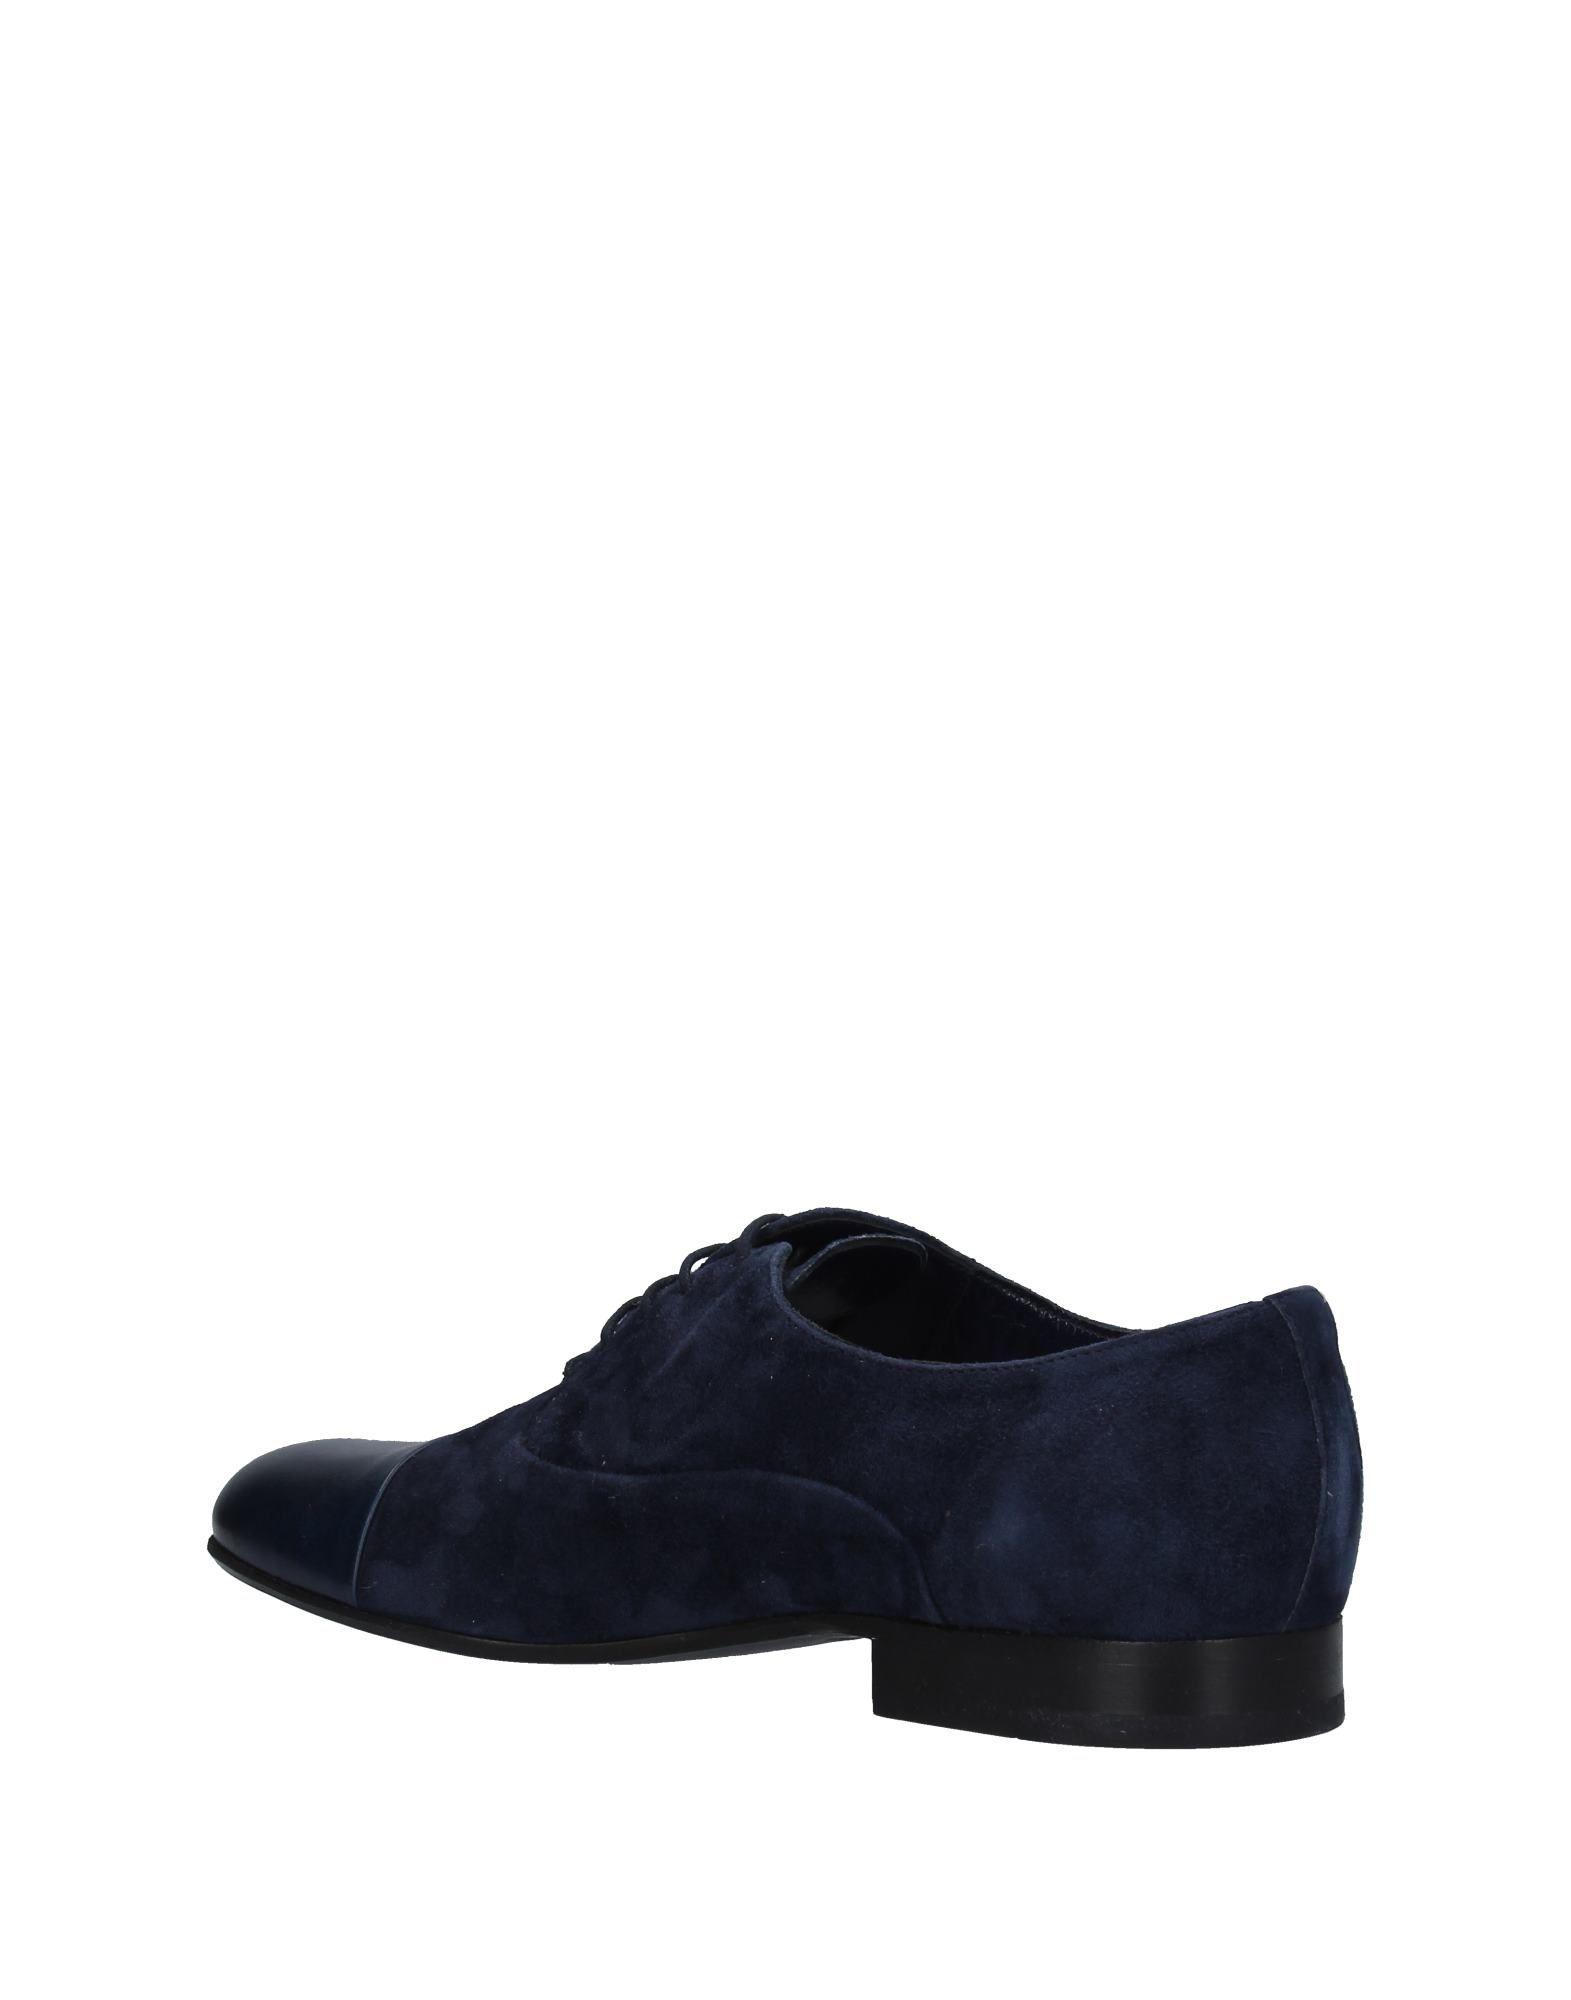 Rabatt echte Schuhe Le  Qarant Schnürschuhe Herren  Le 11258372SI 9269bd